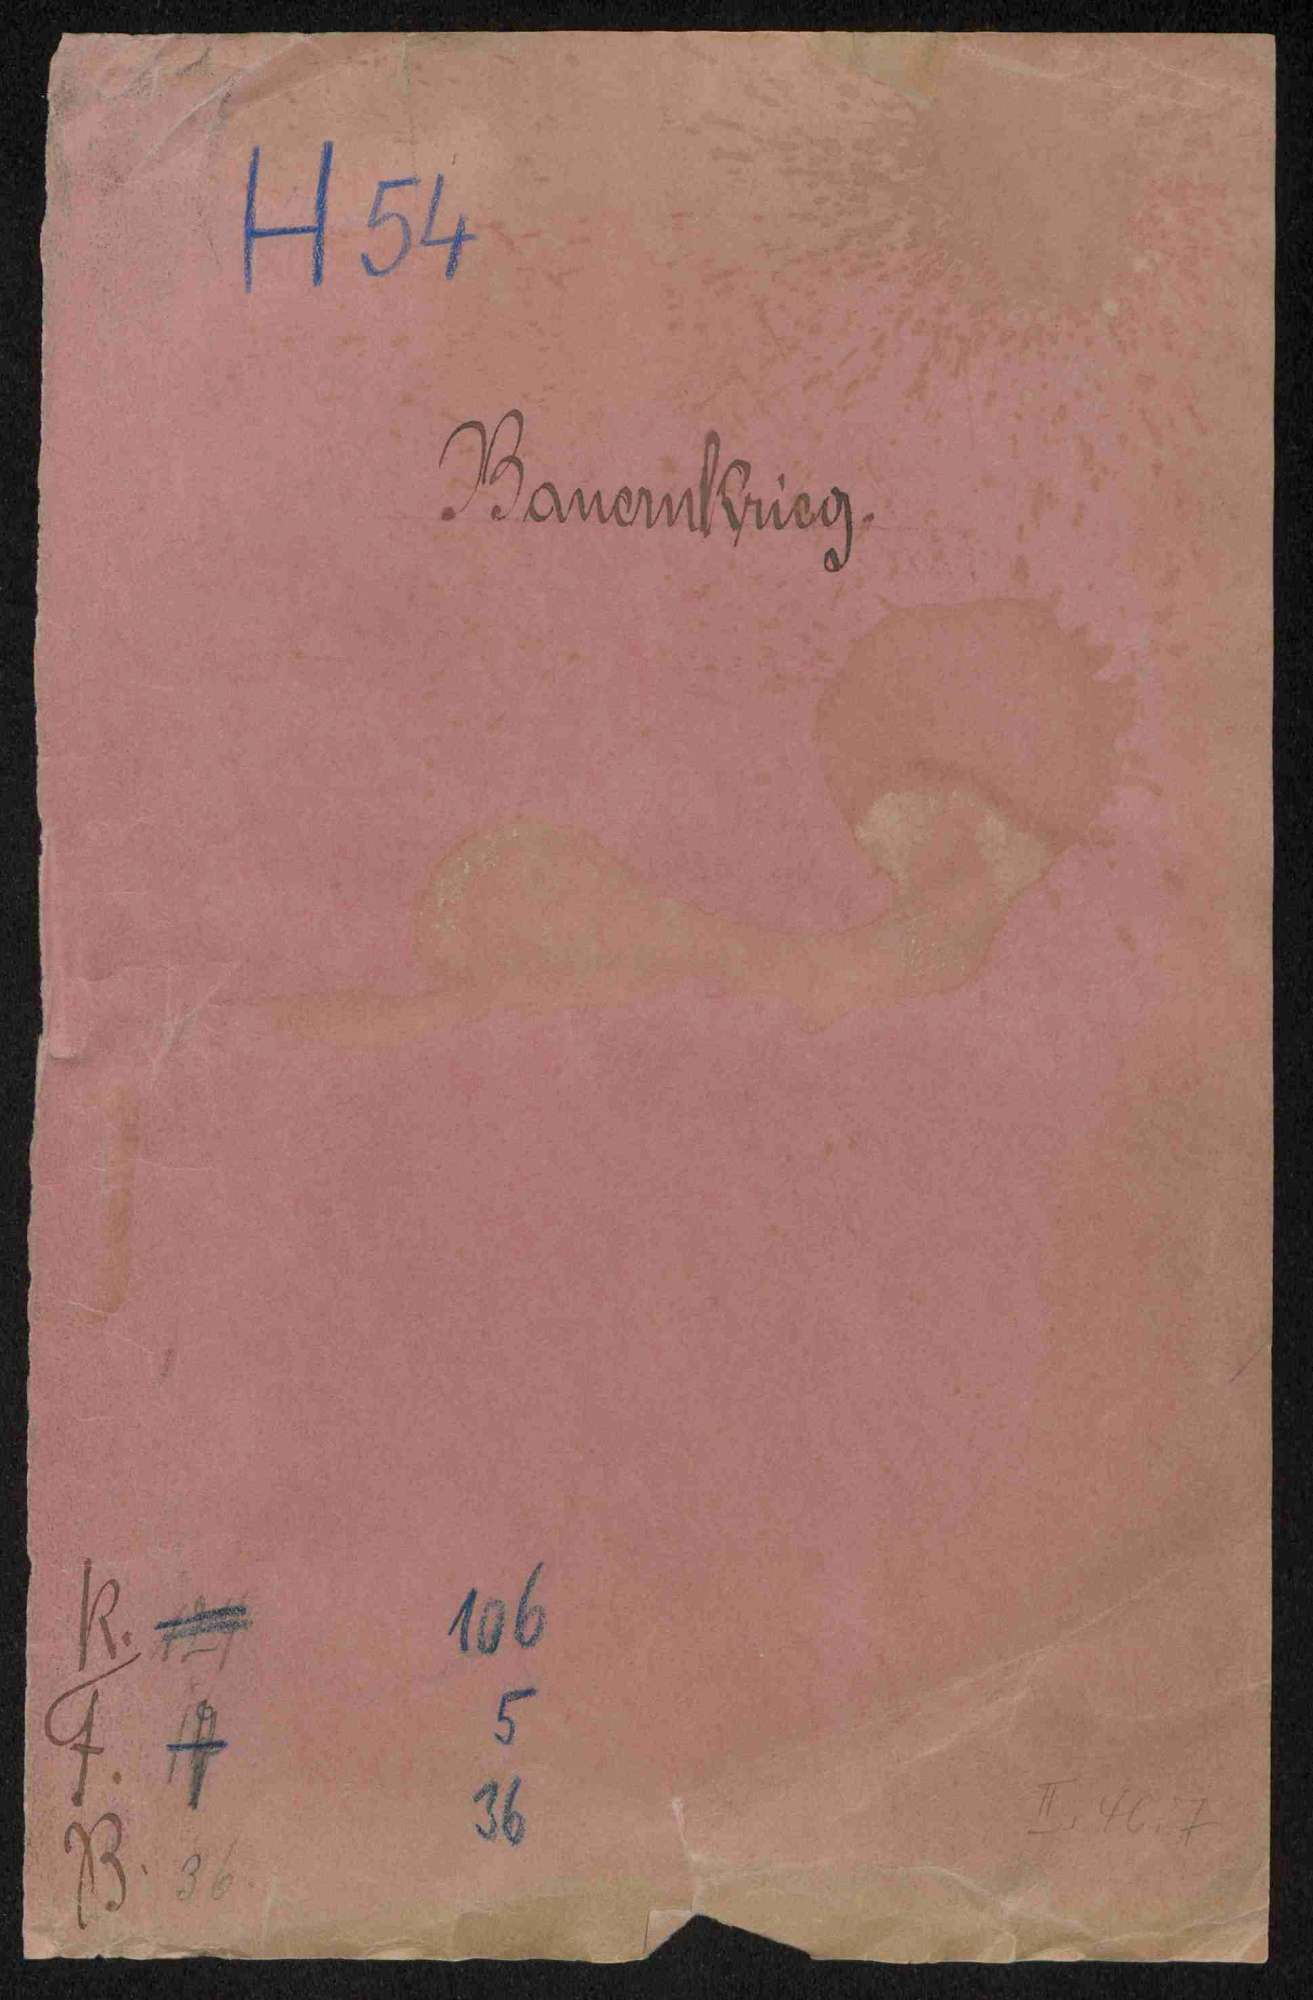 Entschädigungsklagen weltlicher und geistlicher Stände; Strafnachlass für Bauernanführer Hans Menckler von Bönnigheim, Bild 1